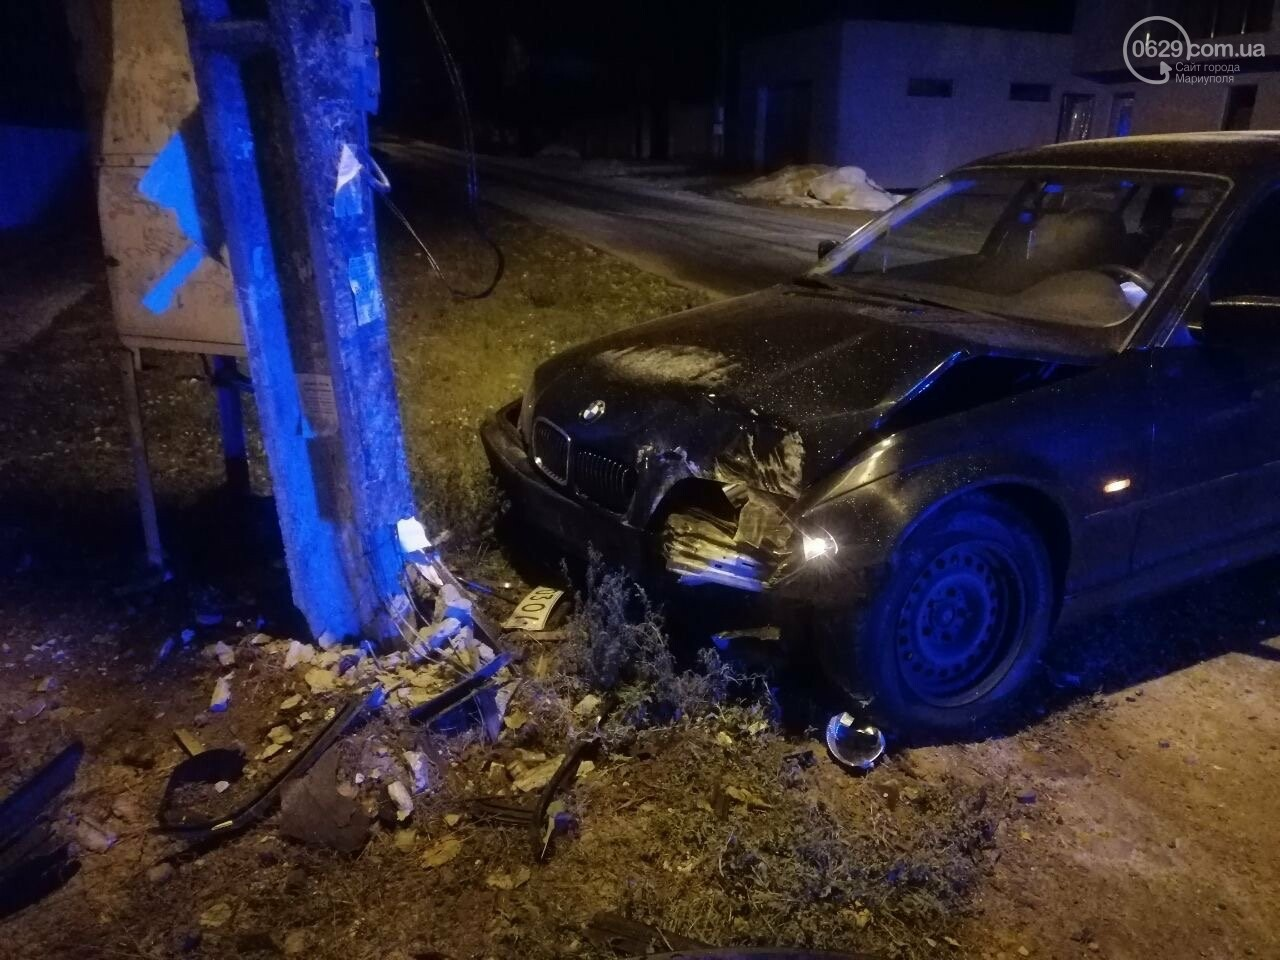 Снег выпал. В Мариуполе сразу несколько аварий на скользких  дорогах,- ФОТО, фото-2